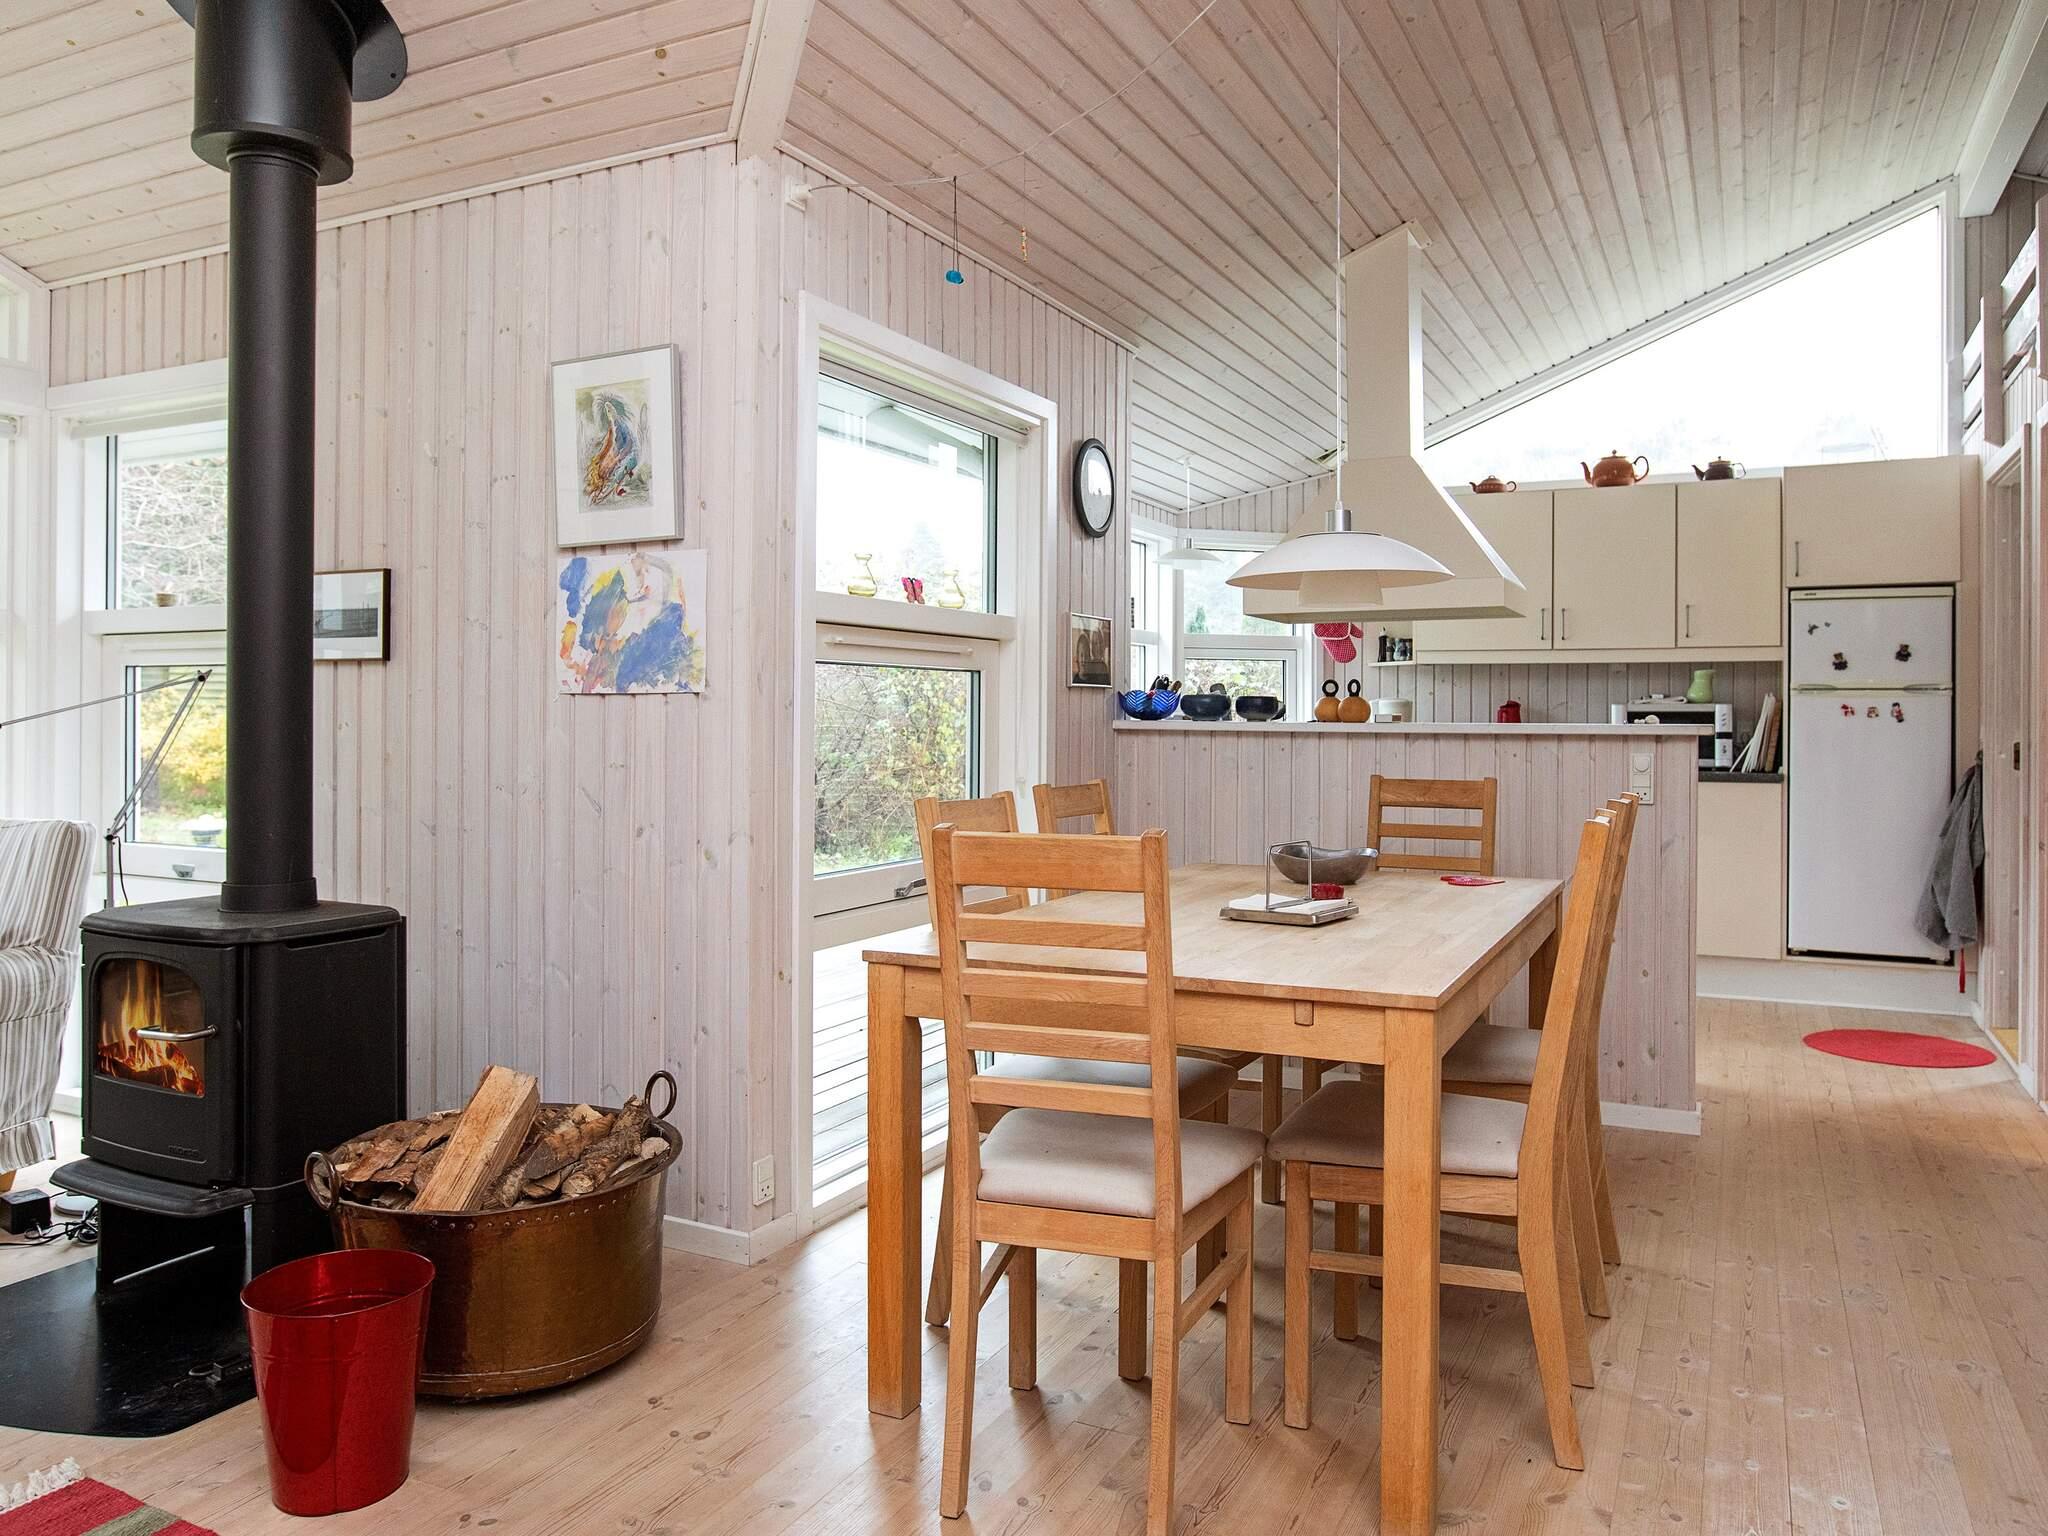 Ferienhaus Vejby (2701529), Vejby, , Nordseeland, Dänemark, Bild 8